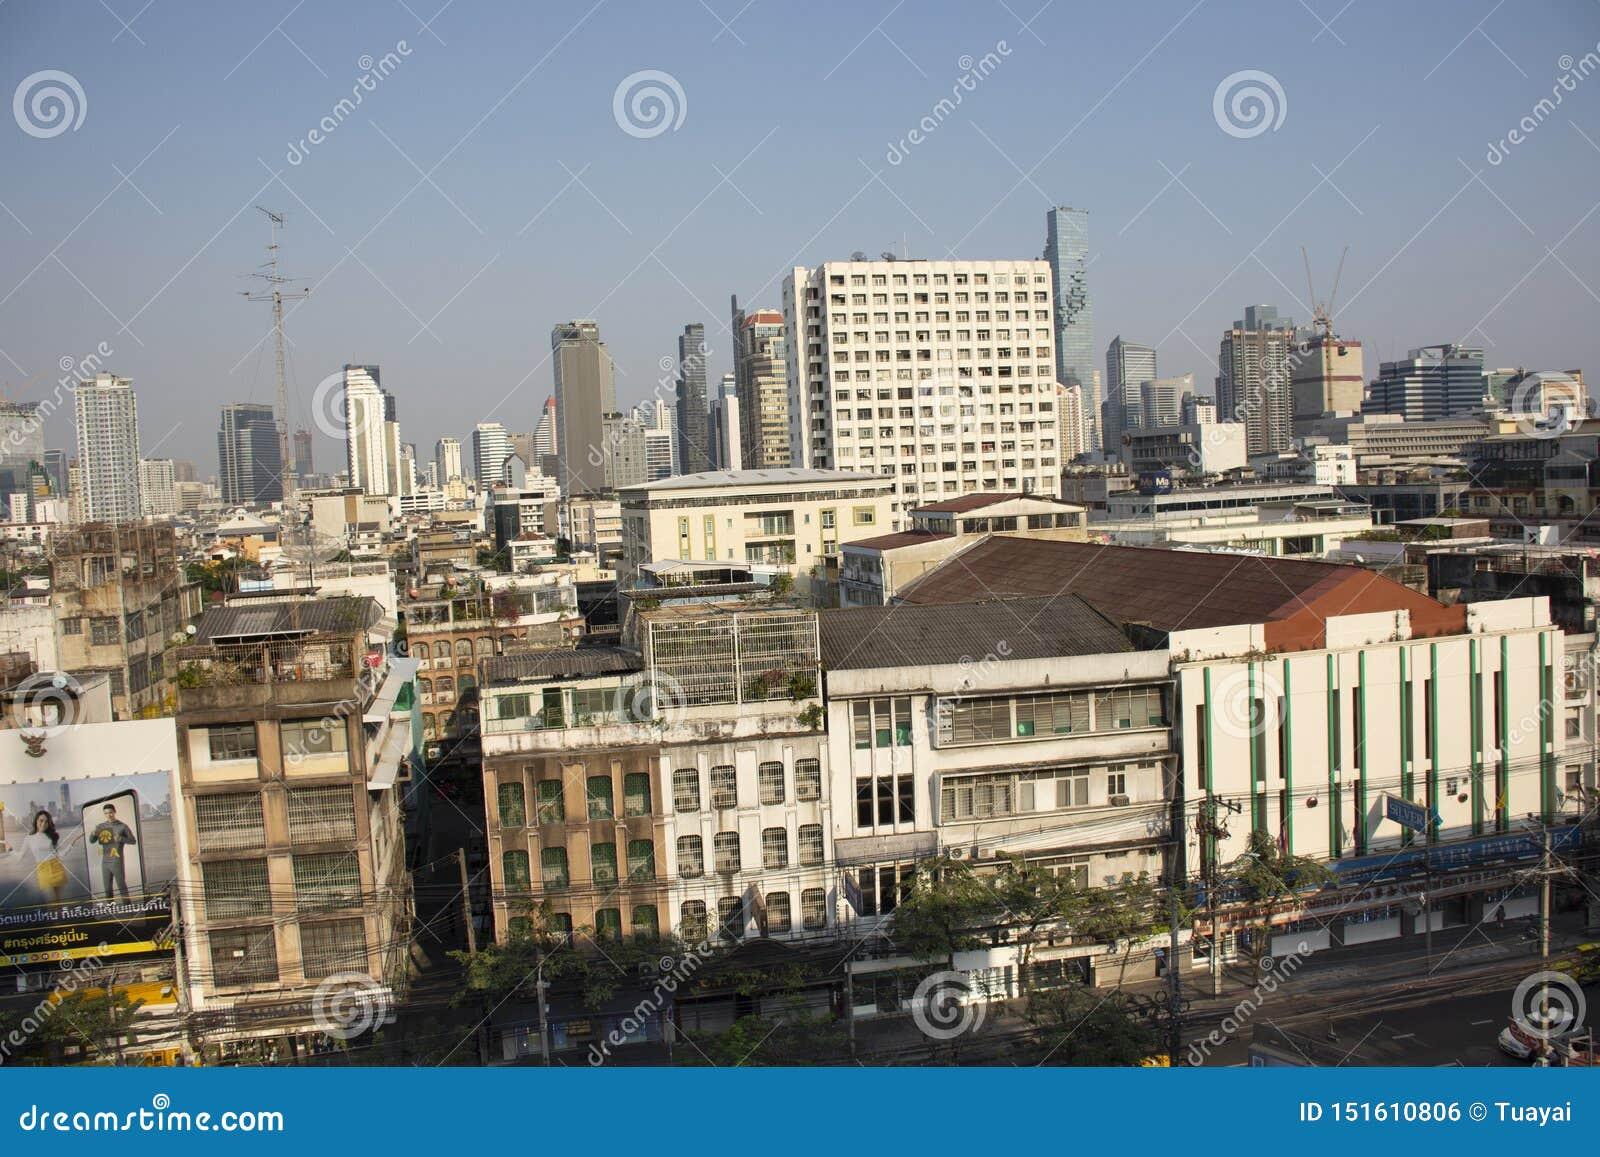 Paisagem da vista aérea e arquitetura da cidade da cidade de Banguecoque da estação de correios geral no distrito de Rak do golpe